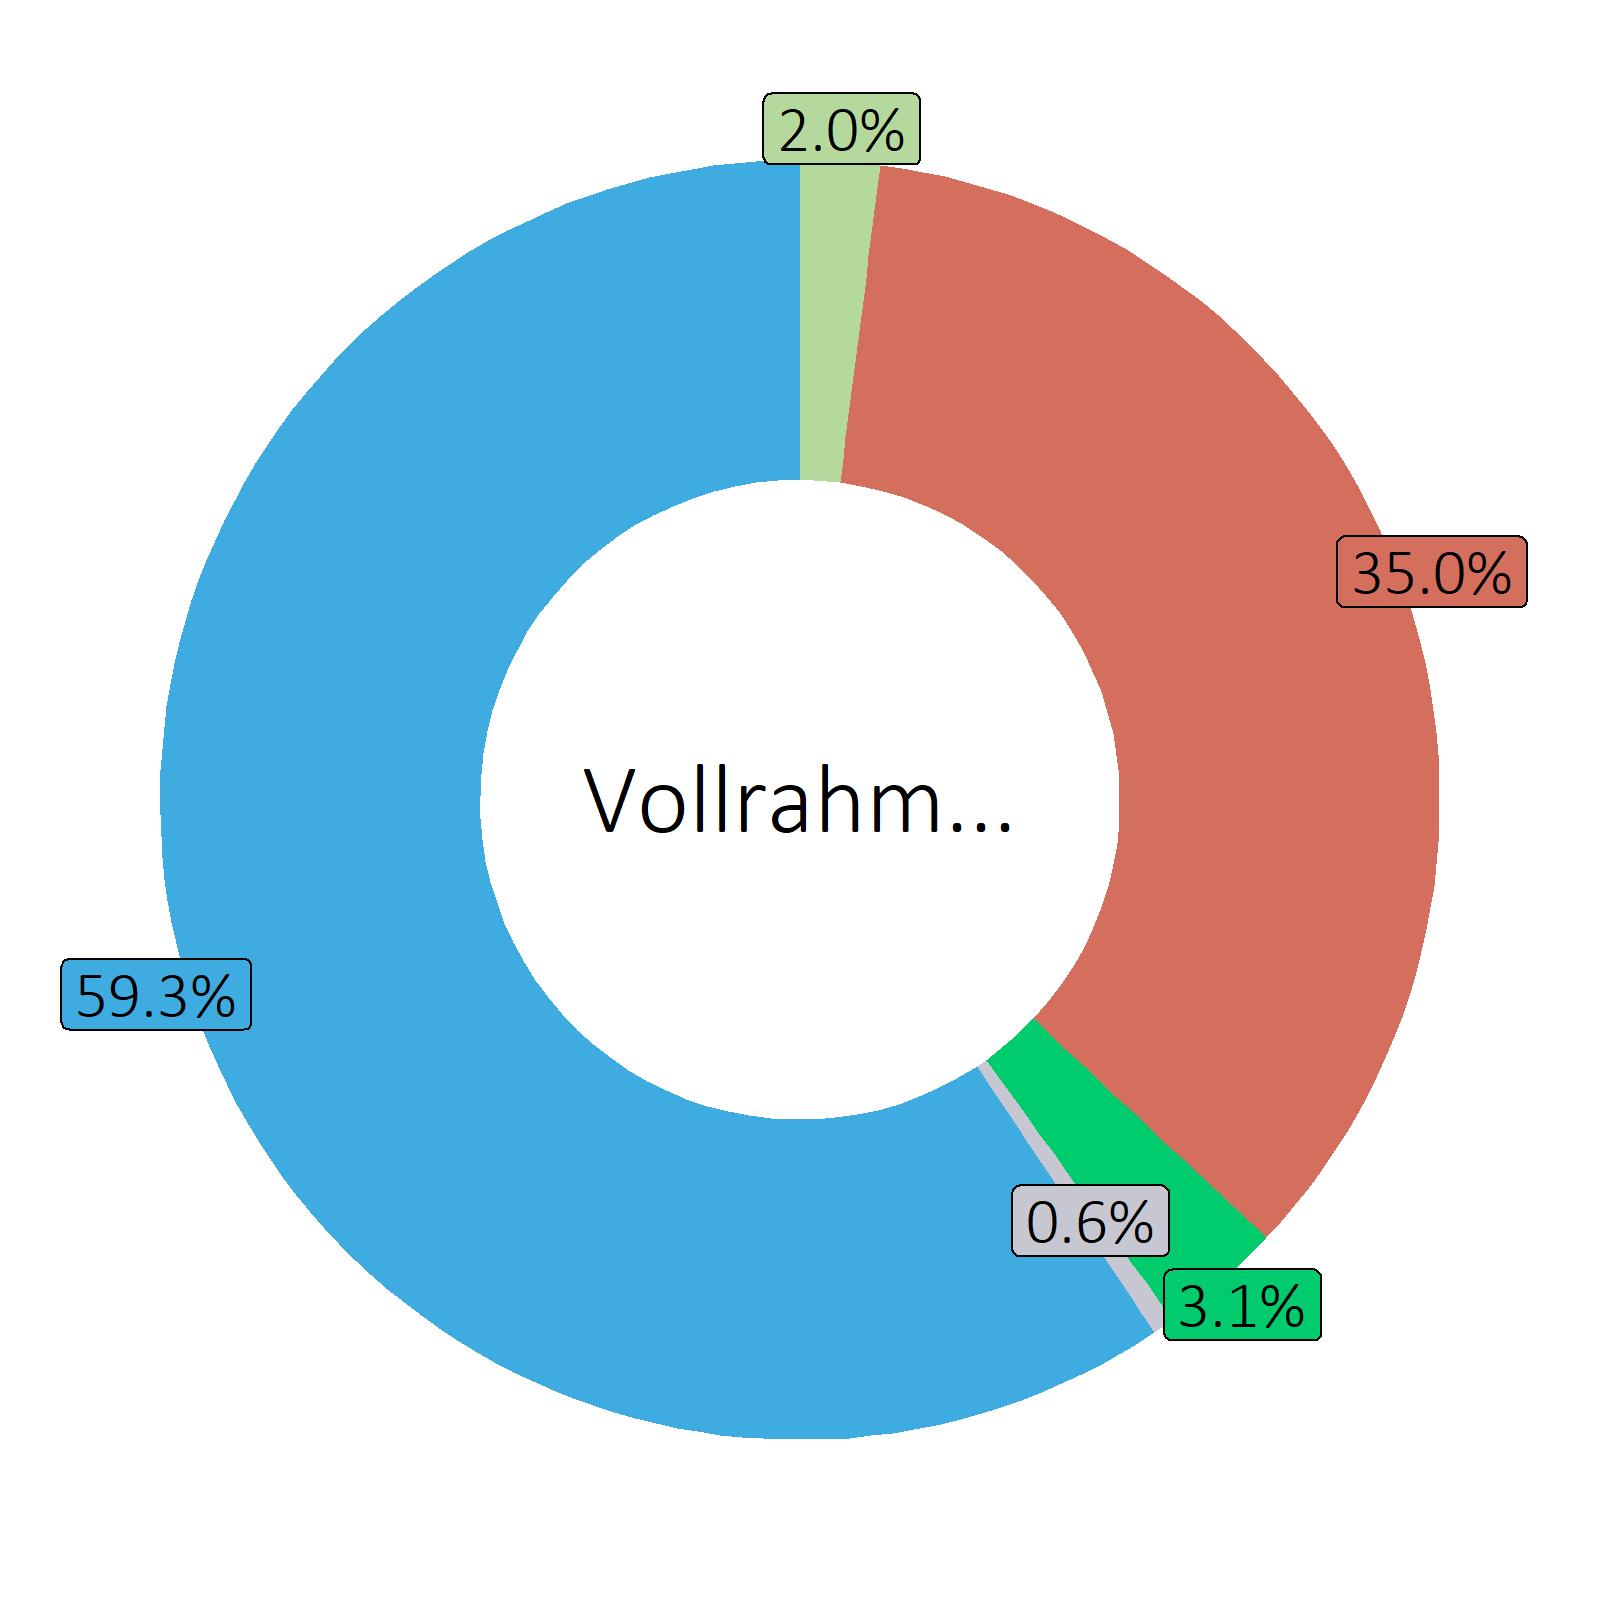 Bestandteile Vollrahm, UHT